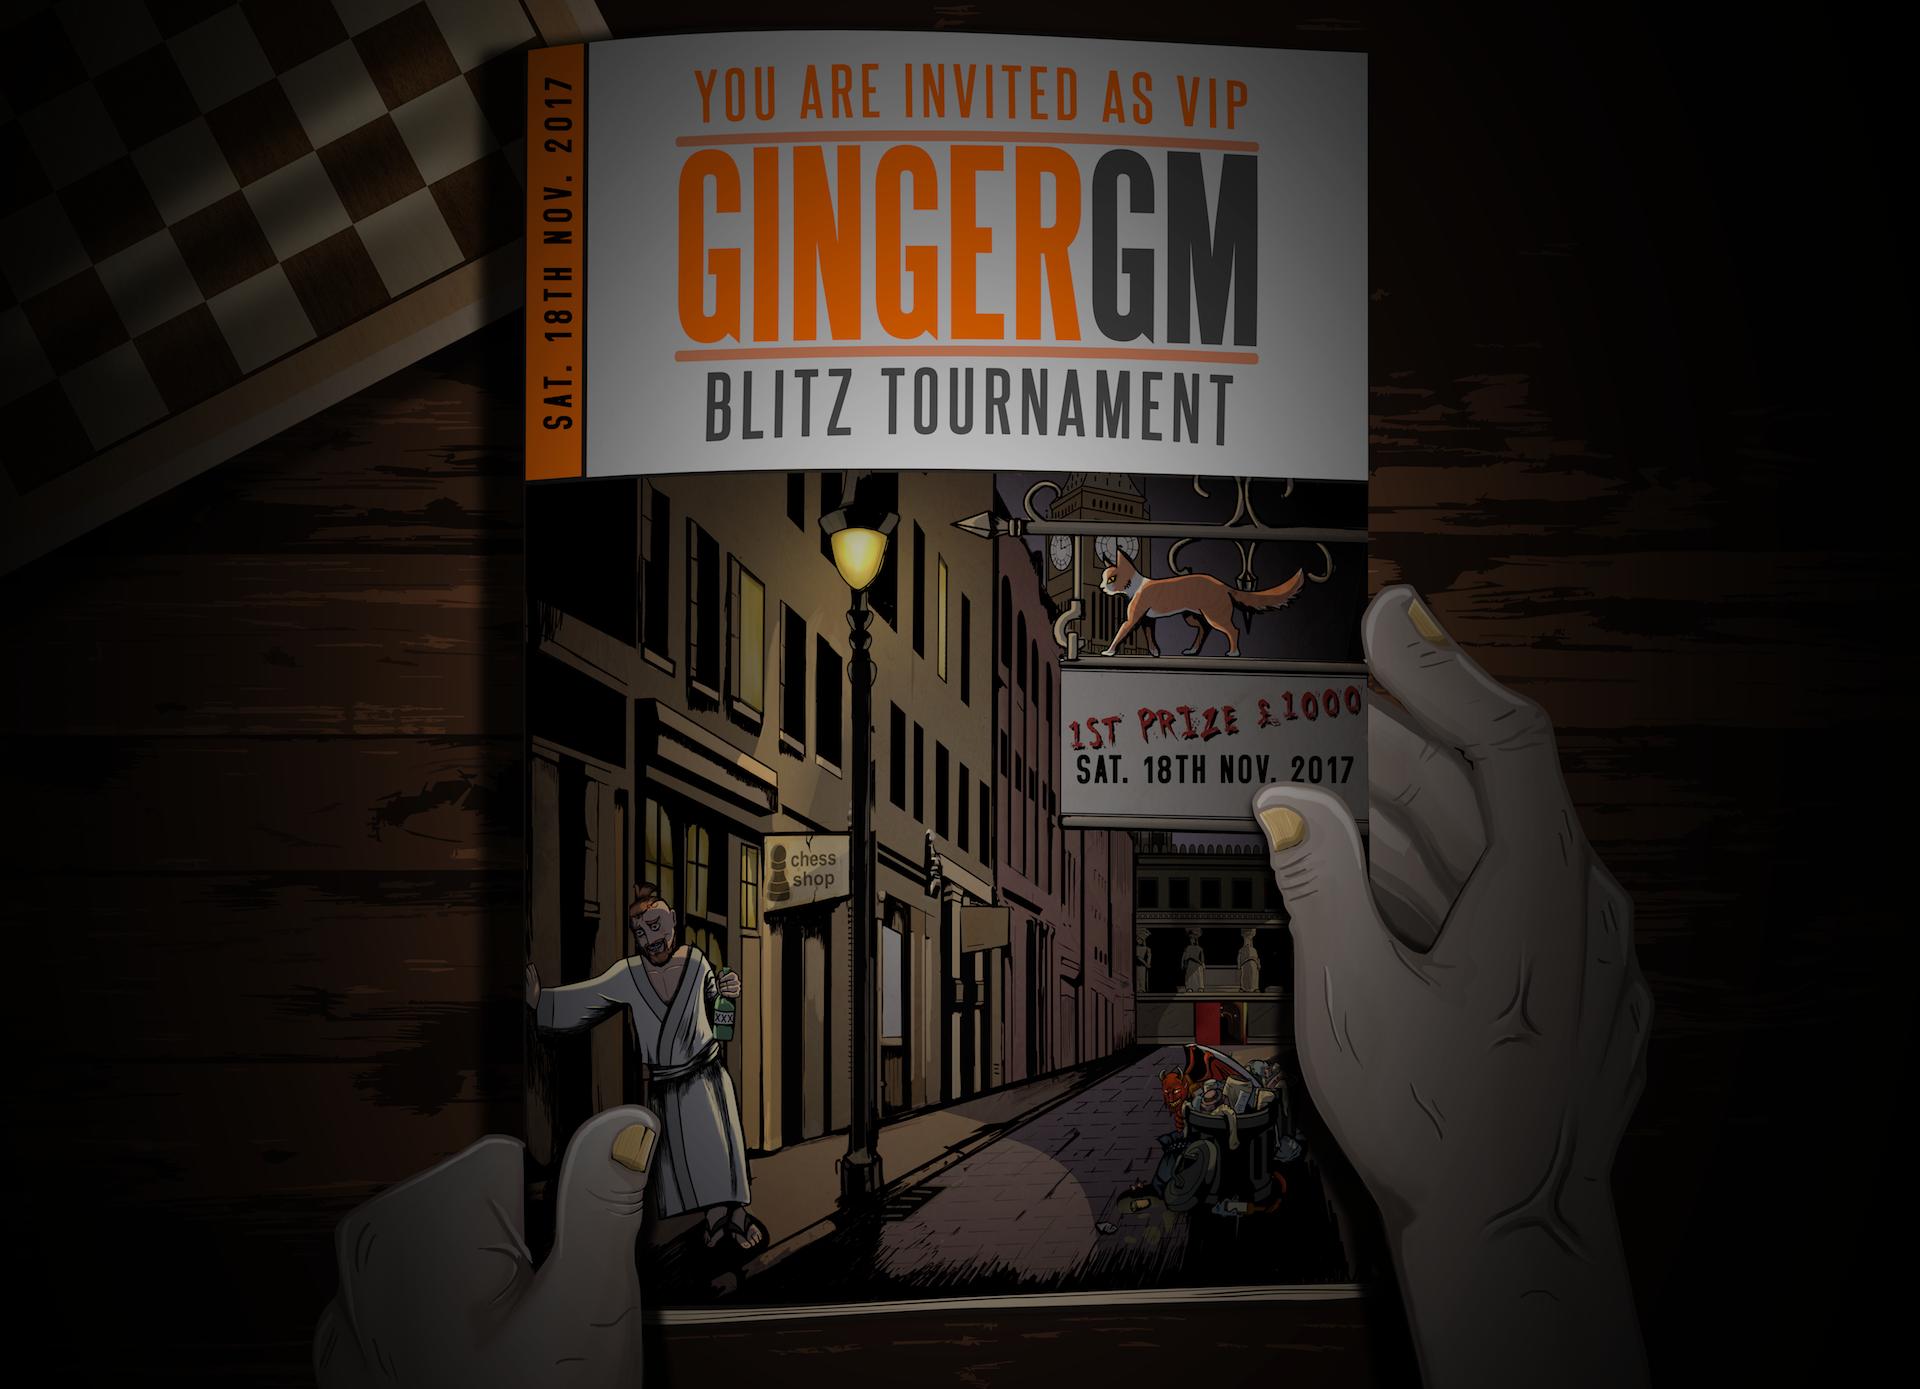 Ginger GM